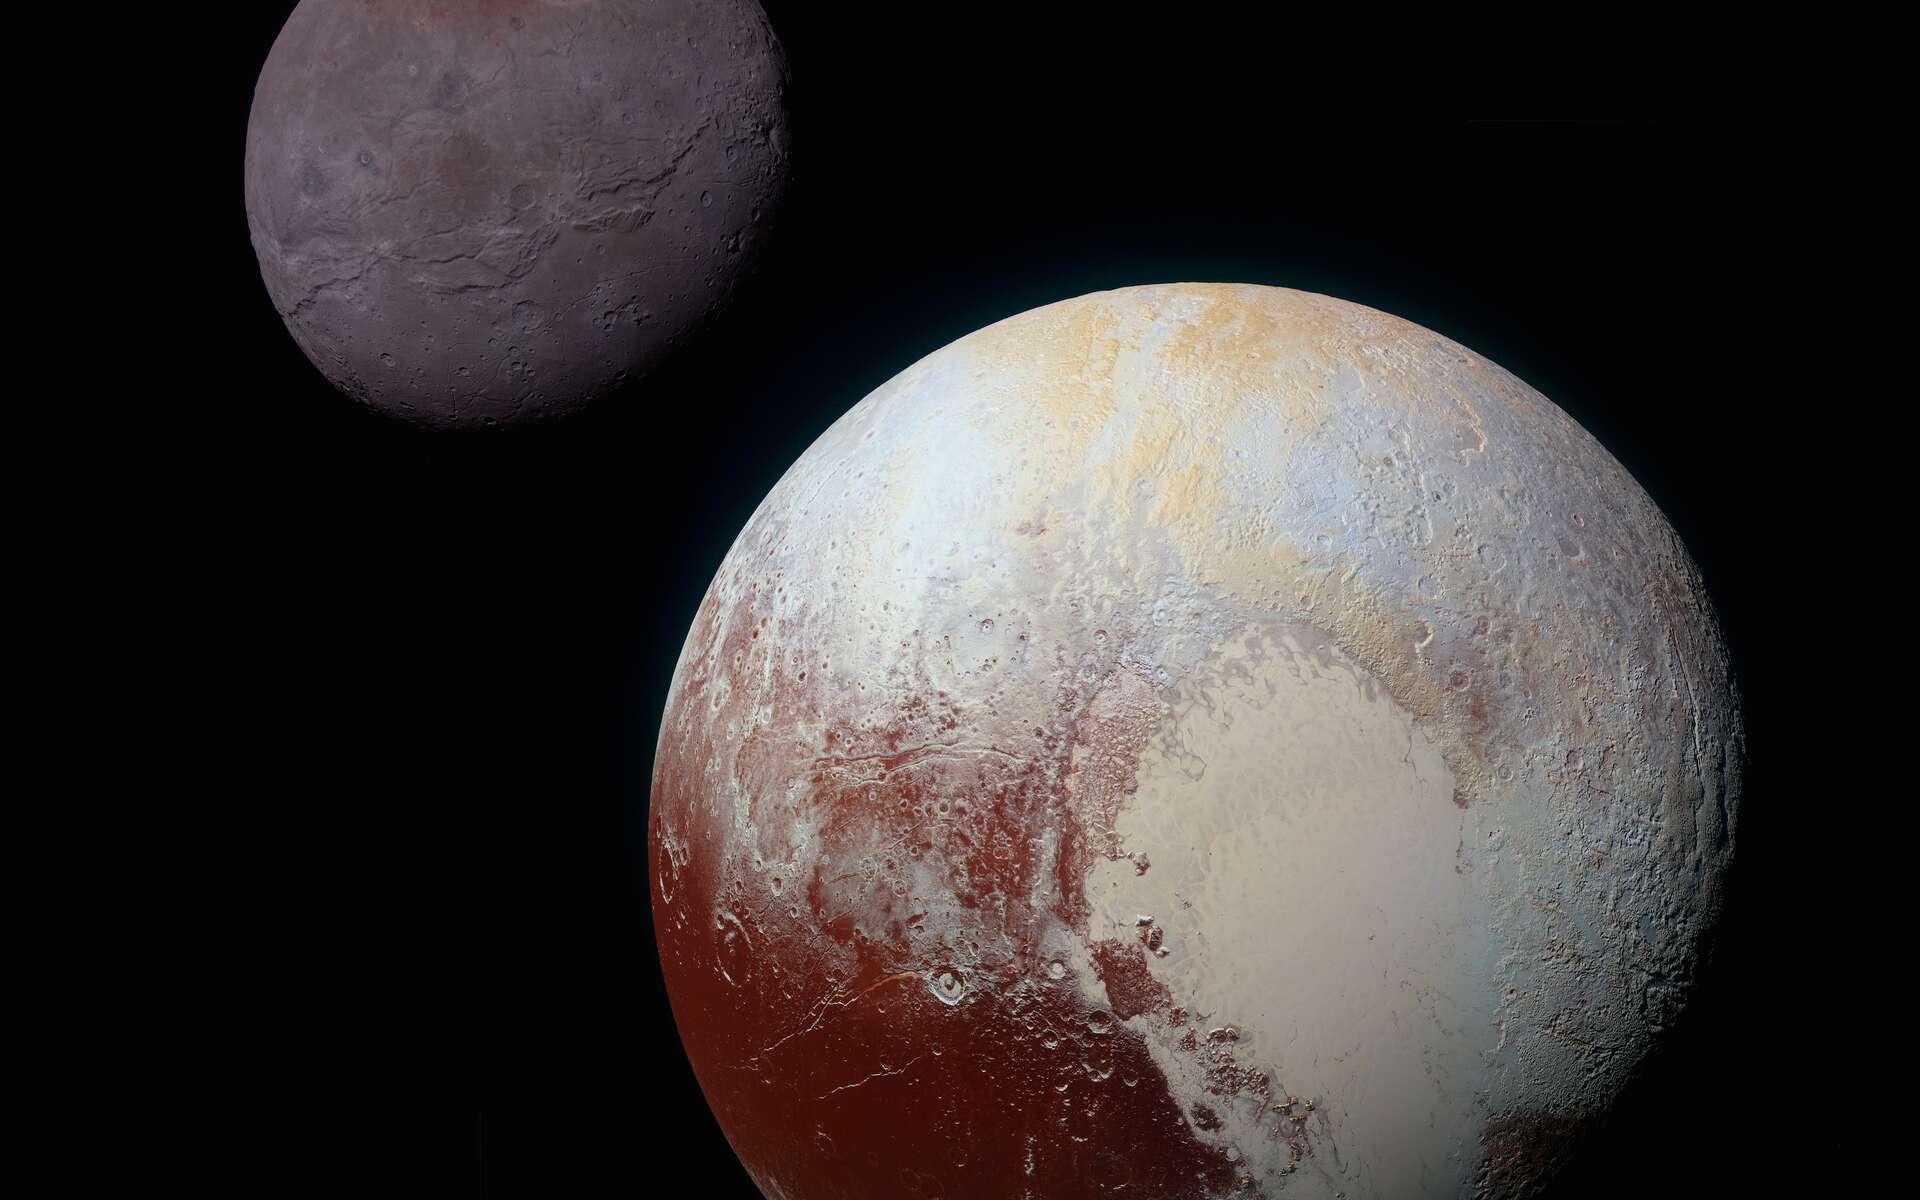 Pluton et Charon réunis sur une même image composite. La sonde New Horizons les a photographiés indépendamment le 14 juillet lors de sa visite historique à ce système binaire. Le spectrographe imageur Ralph/MVIC nous révèle l'extraordinaire diversité géologique de ces deux mondes situés dans la ceinture de Kuiper. © Nasa, JHUAPL, SwRI